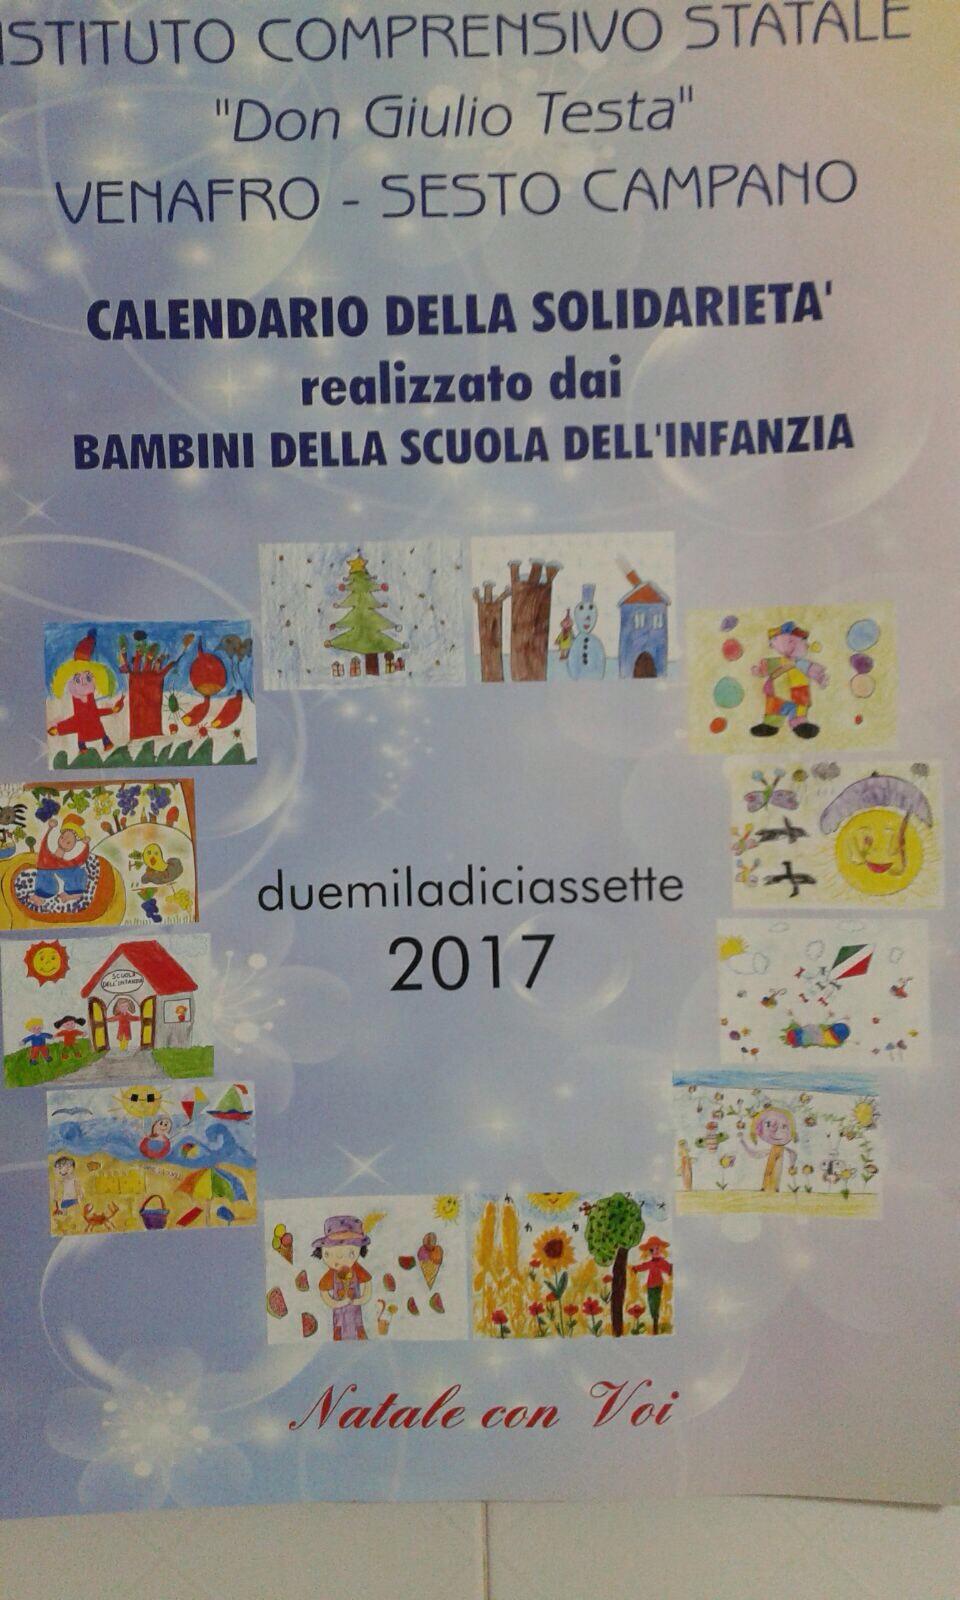 Calendario Bambini Scuola Infanzia.Scuola Disegni Dei Bambini Dell Infanzia Diventano